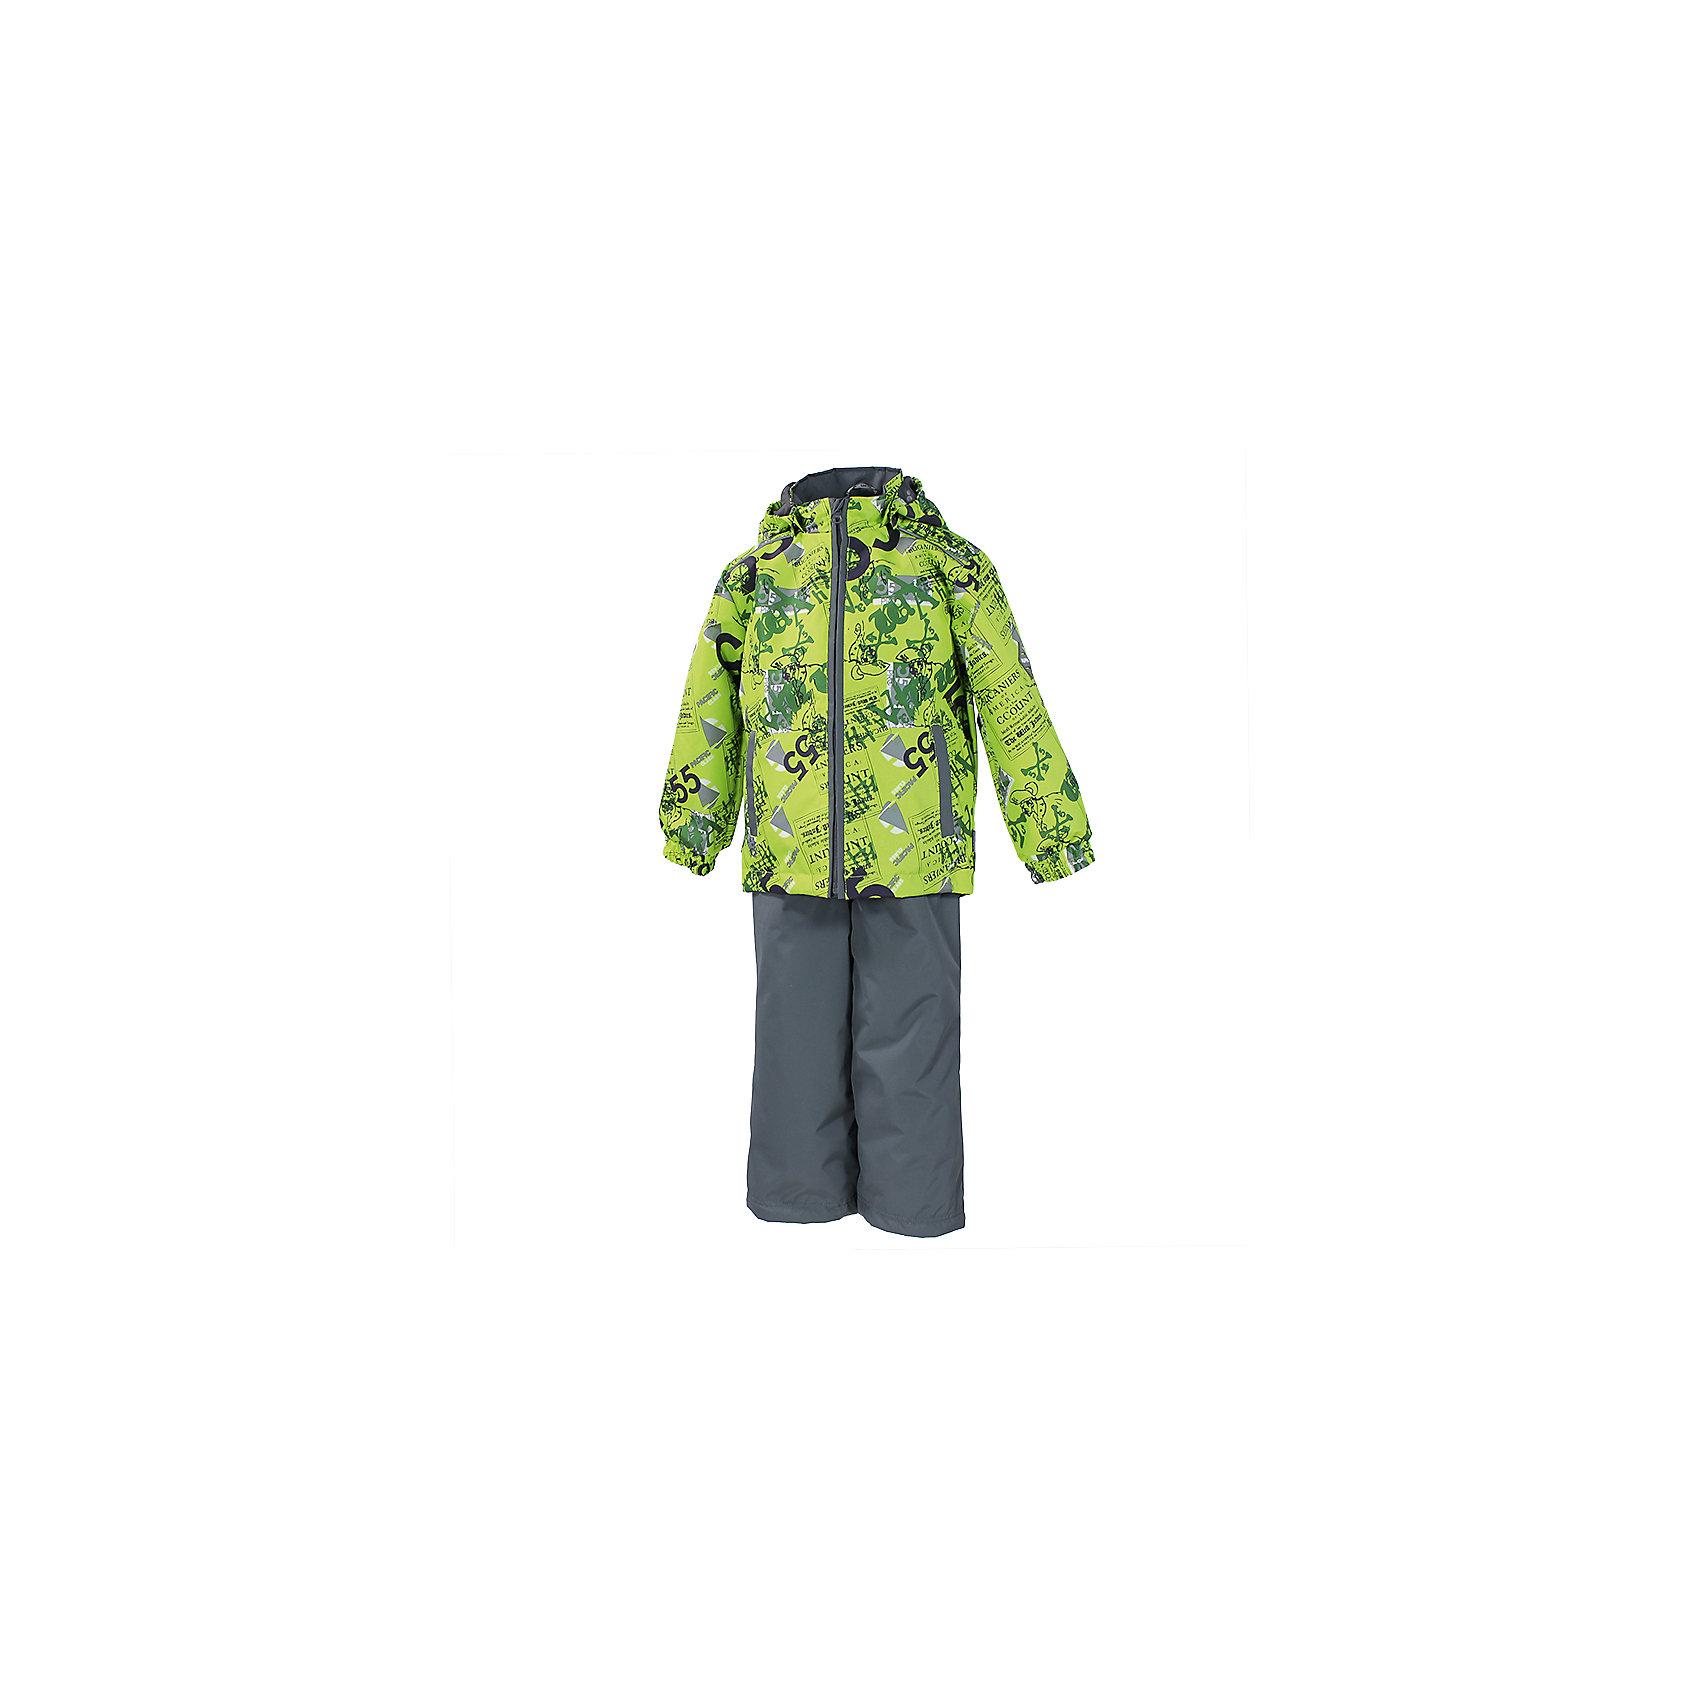 Комплект: куртка и брюки для мальчика HuppaHuppaTherm 40 грамм<br>Высокотехнологичный лёгкий синтетический утеплитель нового поколения, сохраняет объём и высокую теплоизоляцию изделия, а также легко стирается и быстро сохнет.<br><br>HuppaTherm 100 грамм<br>Высокотехнологичный лёгкий синтетический утеплитель нового поколения, сохраняет объём и высокую теплоизоляцию изделия, а также легко стирается и быстро сохнет.<br><br>Влагоустойчивая и дышащая ткань 10 000/ 10 000<br>Мембрана препятствует прохождению воды и ветра сквозь ткань внутрь изделия, позволяя испаряться выделяемой телом, образовывающейся внутри влаге.<br><br>Проклеенные швы<br>Для максимальной влагонепроницаемости изделия, важнейшие швы проклеены водостойкой лентой.<br><br>Прочная ткань<br>Сплетения волокон в тканях выполнены по специальной технологии, которая придаёт ткани прочность и предохранят от истирания.<br><br>Светоотражательные детали<br>При плохих погодных условиях или в темноте, когда свет падает на одежду, он отражается, делая ребёнка более заметным, уменьшая возможность несчастных случаев.<br><br>Дополнительная информация:<br><br>Температурный режим: Куртка: от 0 до +10 С, полукомбинезон: Температурный режим: от -5  до +5 С<br>Ткань: 100% полиэстер<br>Подкладка: тафта - 100% полиэстер<br>Утеплитель: 100% полиэстер: куртка 100г., полукомбинезон 40г.<br>Шаговый шов проклеен<br><br>Комплект: куртка и брюки для мальчика Huppa можно купить в нашем магазине.<br><br>Ширина мм: 356<br>Глубина мм: 10<br>Высота мм: 245<br>Вес г: 519<br>Цвет: желтый<br>Возраст от месяцев: 18<br>Возраст до месяцев: 24<br>Пол: Мужской<br>Возраст: Детский<br>Размер: 92,116,104,128,122,134,98,110<br>SKU: 4595558